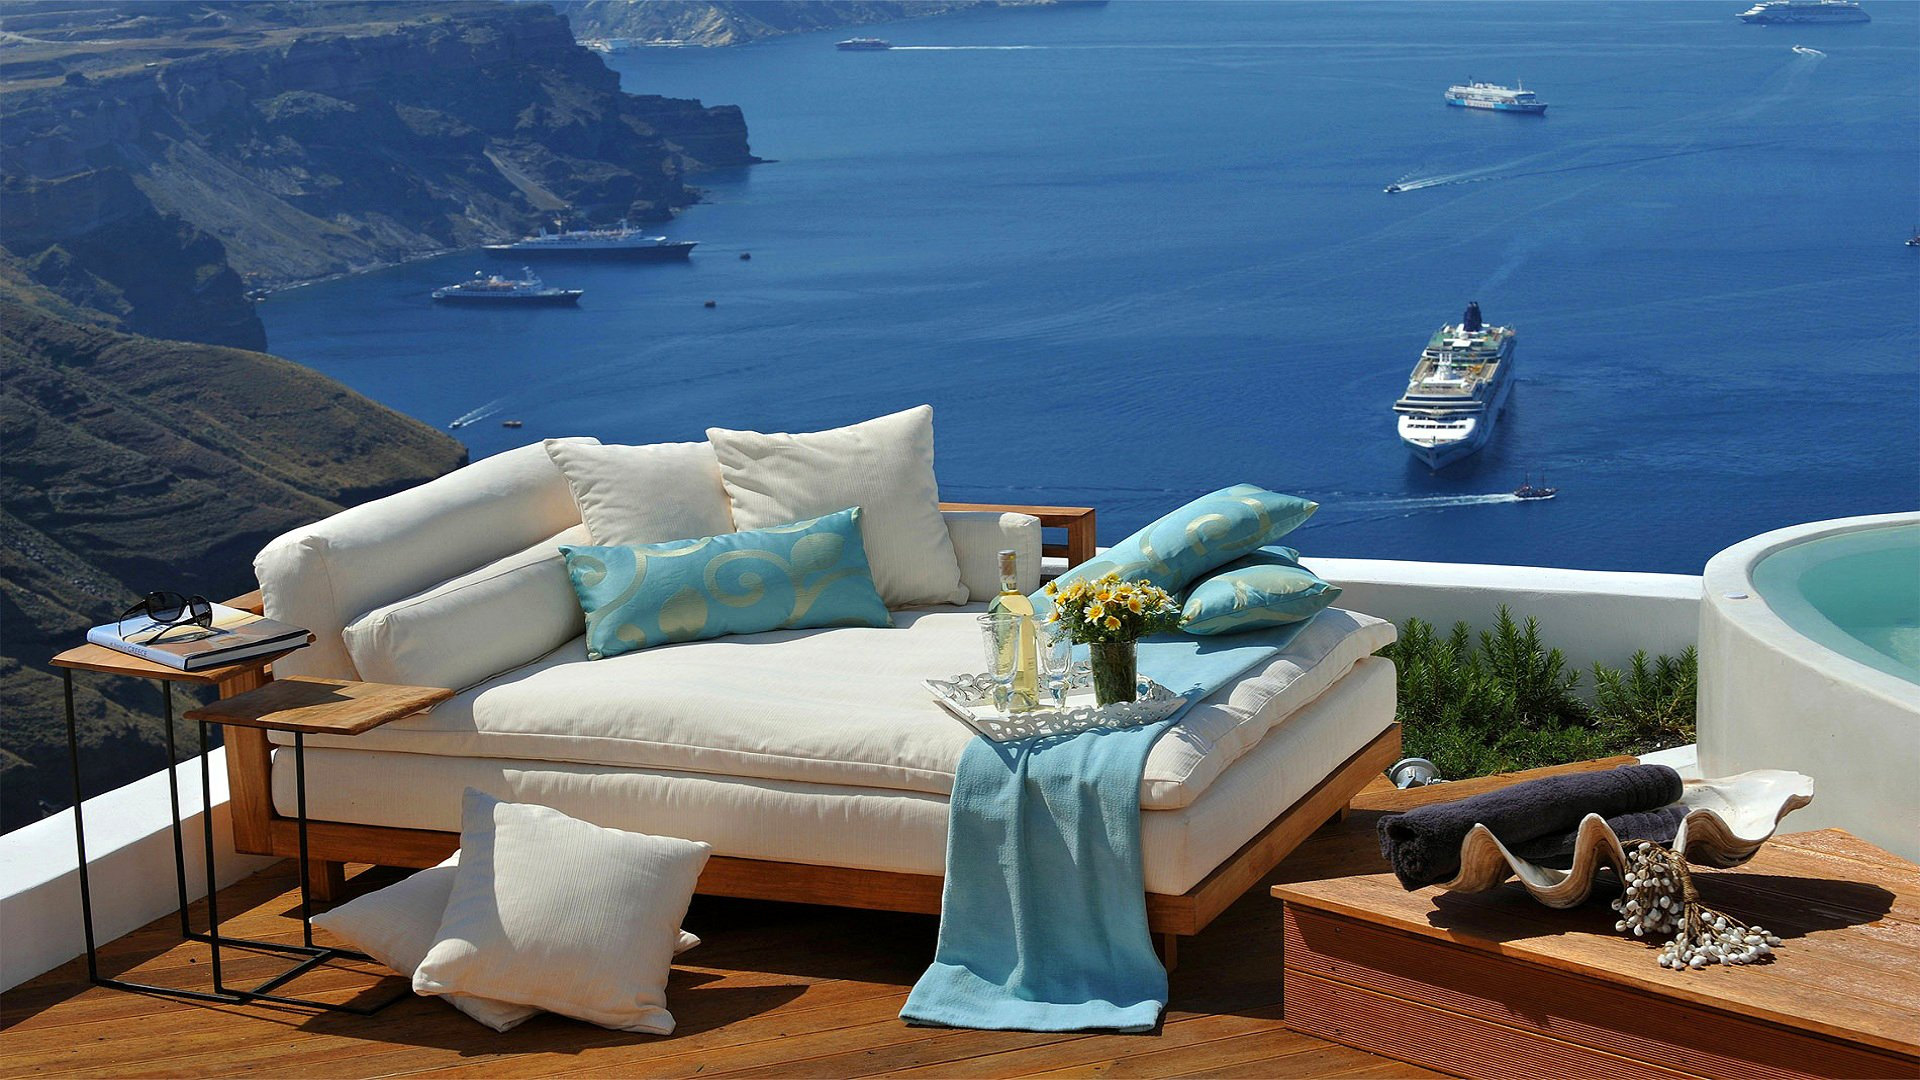 Греция море корабль лайнер диван отдых hd обои для ноутбука.